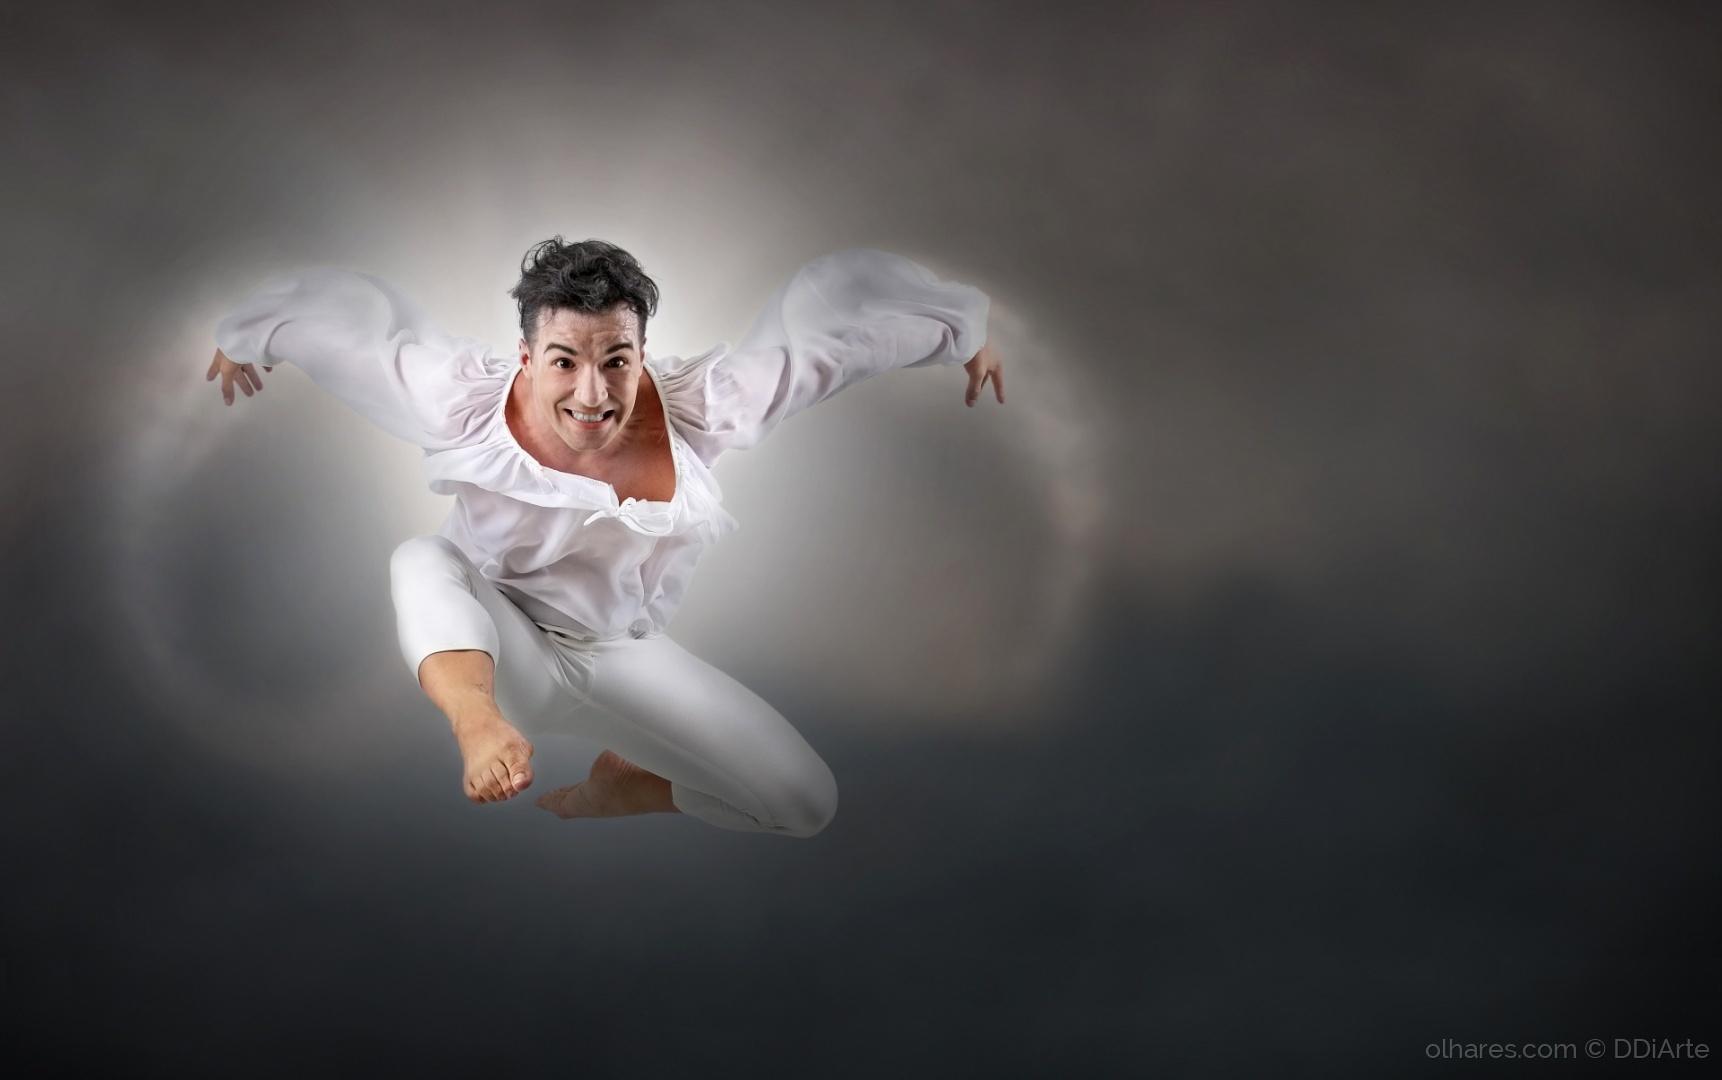 Espetáculos/O voo do bailarino